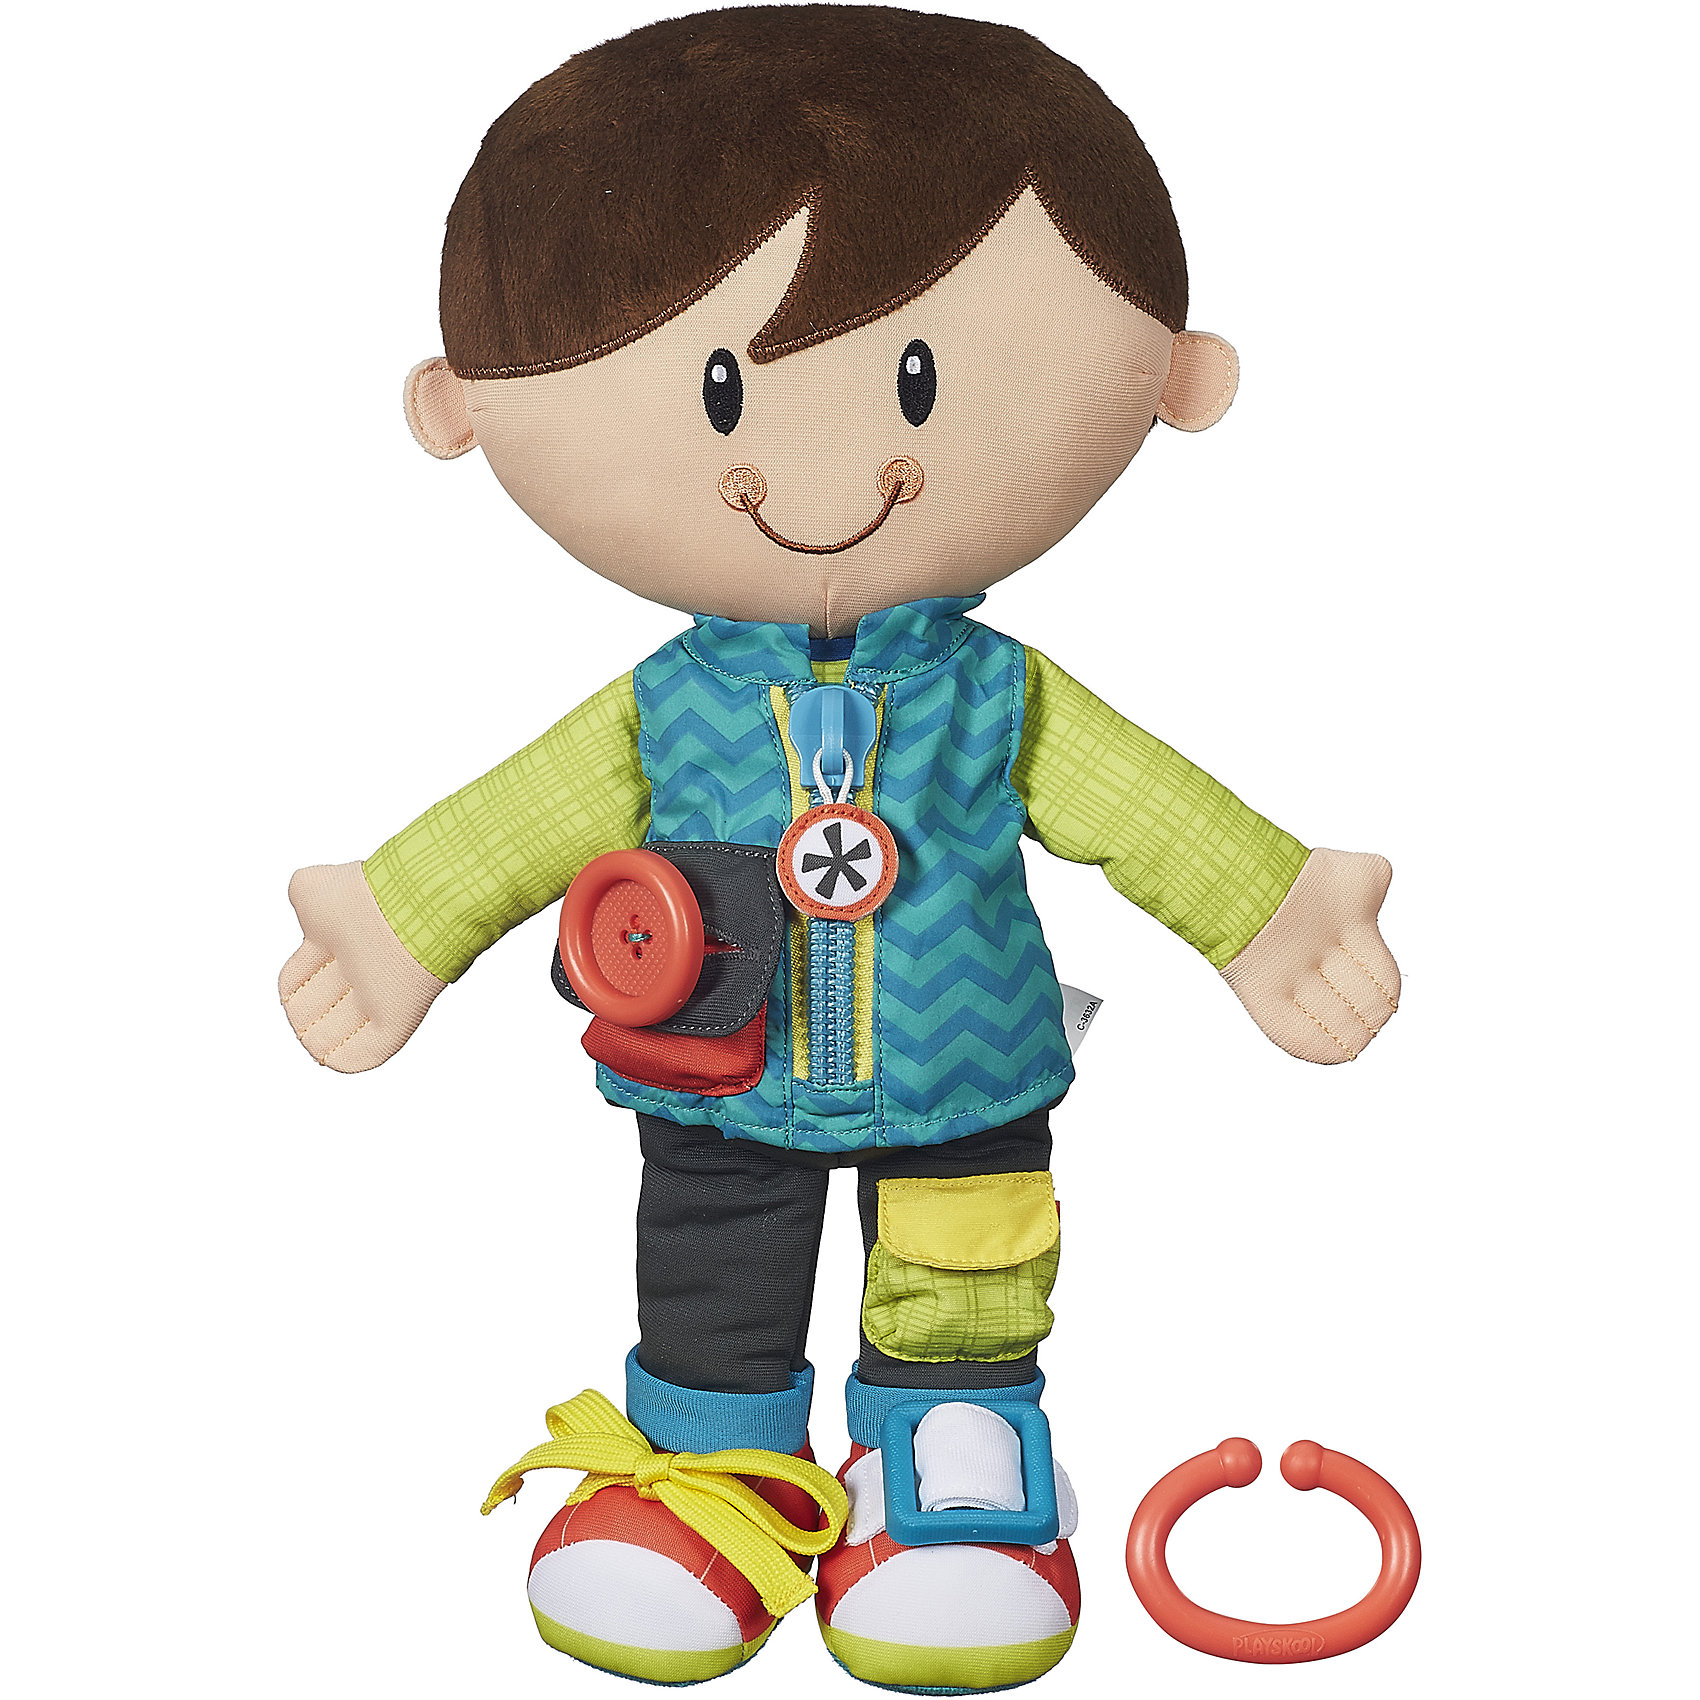 Одень друга и возьми с собой, мальчик, PLAYSKOOLПодвески<br>Одень друга и возьми с собой, мальчик, PLAYSKOOL (ПЛЕЙСКУЛ) – эта игрушка научит малыша расстегивать и застегивать застежки на одежде.<br>Мягкая плюшевая кукла-мальчик создана специально для малышей. Она сшита из мягкого и приятного на ощупь материала. У куклы фетровые волосы темного цвета, а также набивные ручки, ножки и тельце. Её яркий и приветливый дизайн сразу привлечёт детское внимание. На одежде куклы 5 видов застежек: молния, пряжка, пуговица, липучка и узелок. Ребенок может застёгивать и расстёгивать их, изучая застежки, которые используются для обычной одежды. Размер всех застежек идеально подходит для маленьких ручек. В комплект входит пластмассовый крючок, с помощью которого куклу можно легко повесить на сумку или коляску. Игрушка развивает мелкую моторику.<br><br>Дополнительная информация:<br><br>- Количество видов застежек: 5<br>- Виды застежек: молния, пряжка, пуговица, липучка, узелок<br>- Материал: плюш, текстиль, пластмасса<br>- Размер упаковки: 24 х 10 х 37 см.<br><br>Развивающую игрушку Одень друга и возьми с собой, мальчика, PLAYSKOOL (ПЛЕЙСКУЛ) можно купить в нашем интернет-магазине.<br><br>Ширина мм: 371<br>Глубина мм: 248<br>Высота мм: 106<br>Вес г: 356<br>Возраст от месяцев: 24<br>Возраст до месяцев: 48<br>Пол: Мужской<br>Возраст: Детский<br>SKU: 4261590